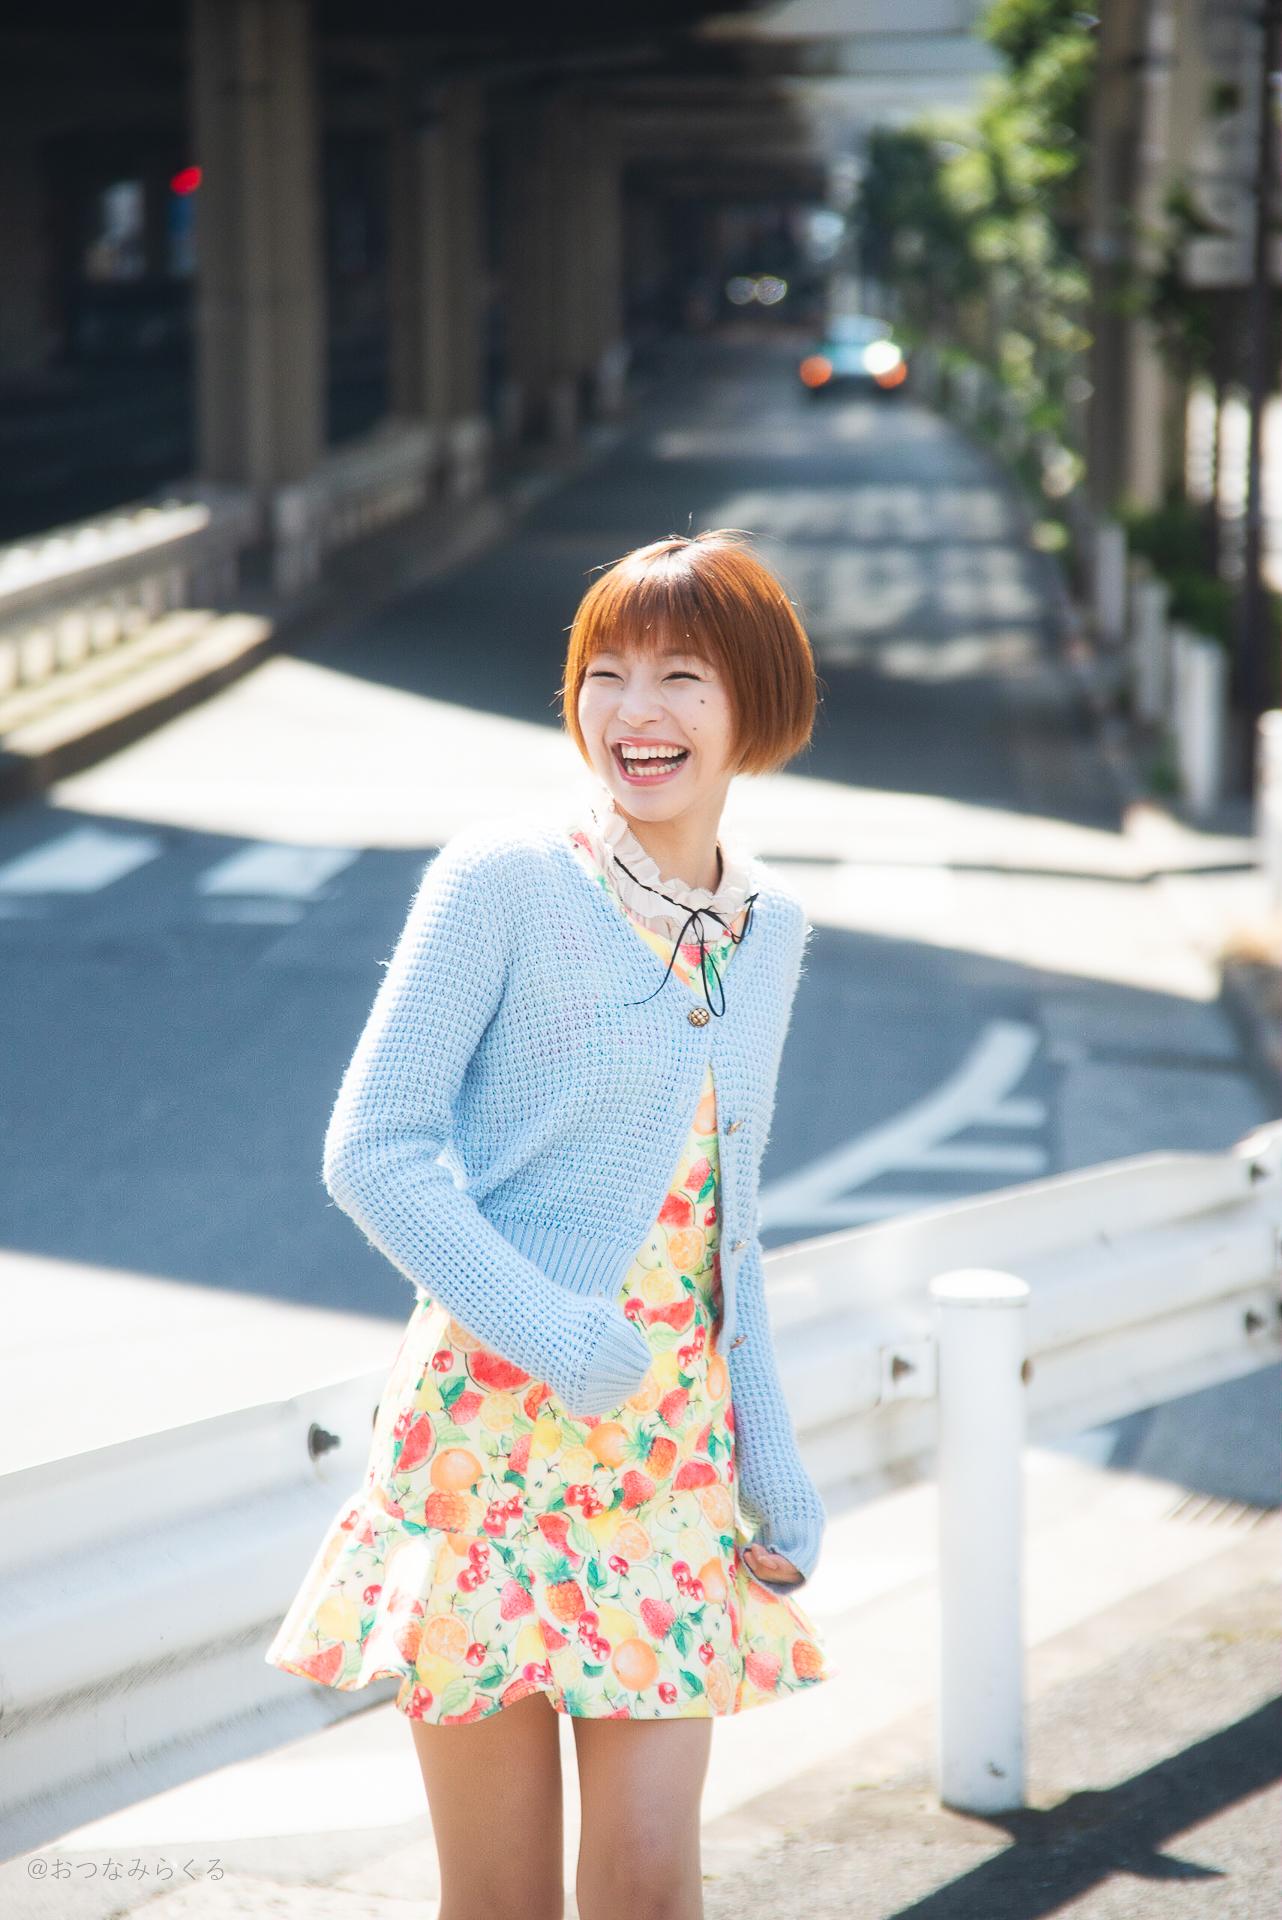 浜崎橋 ポートレート 撮影会モデル